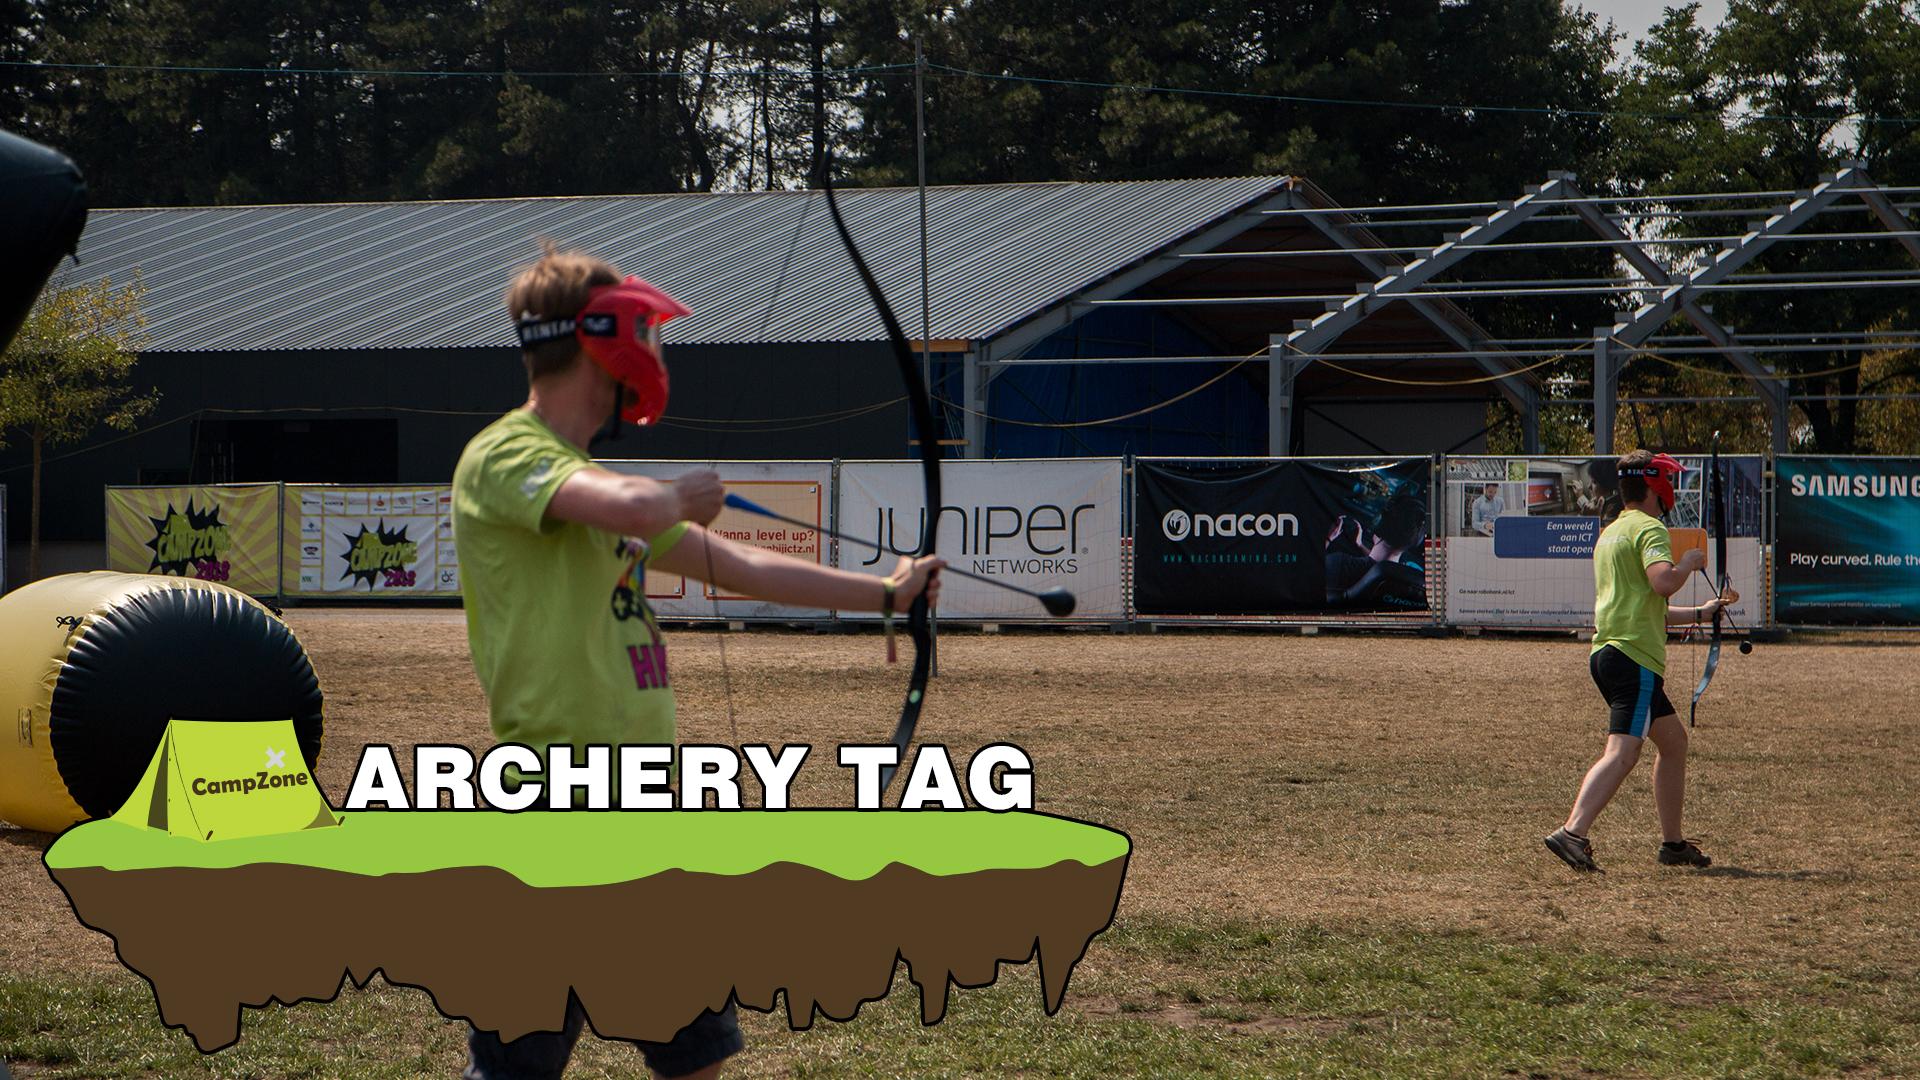 13.30 - Archery Tag